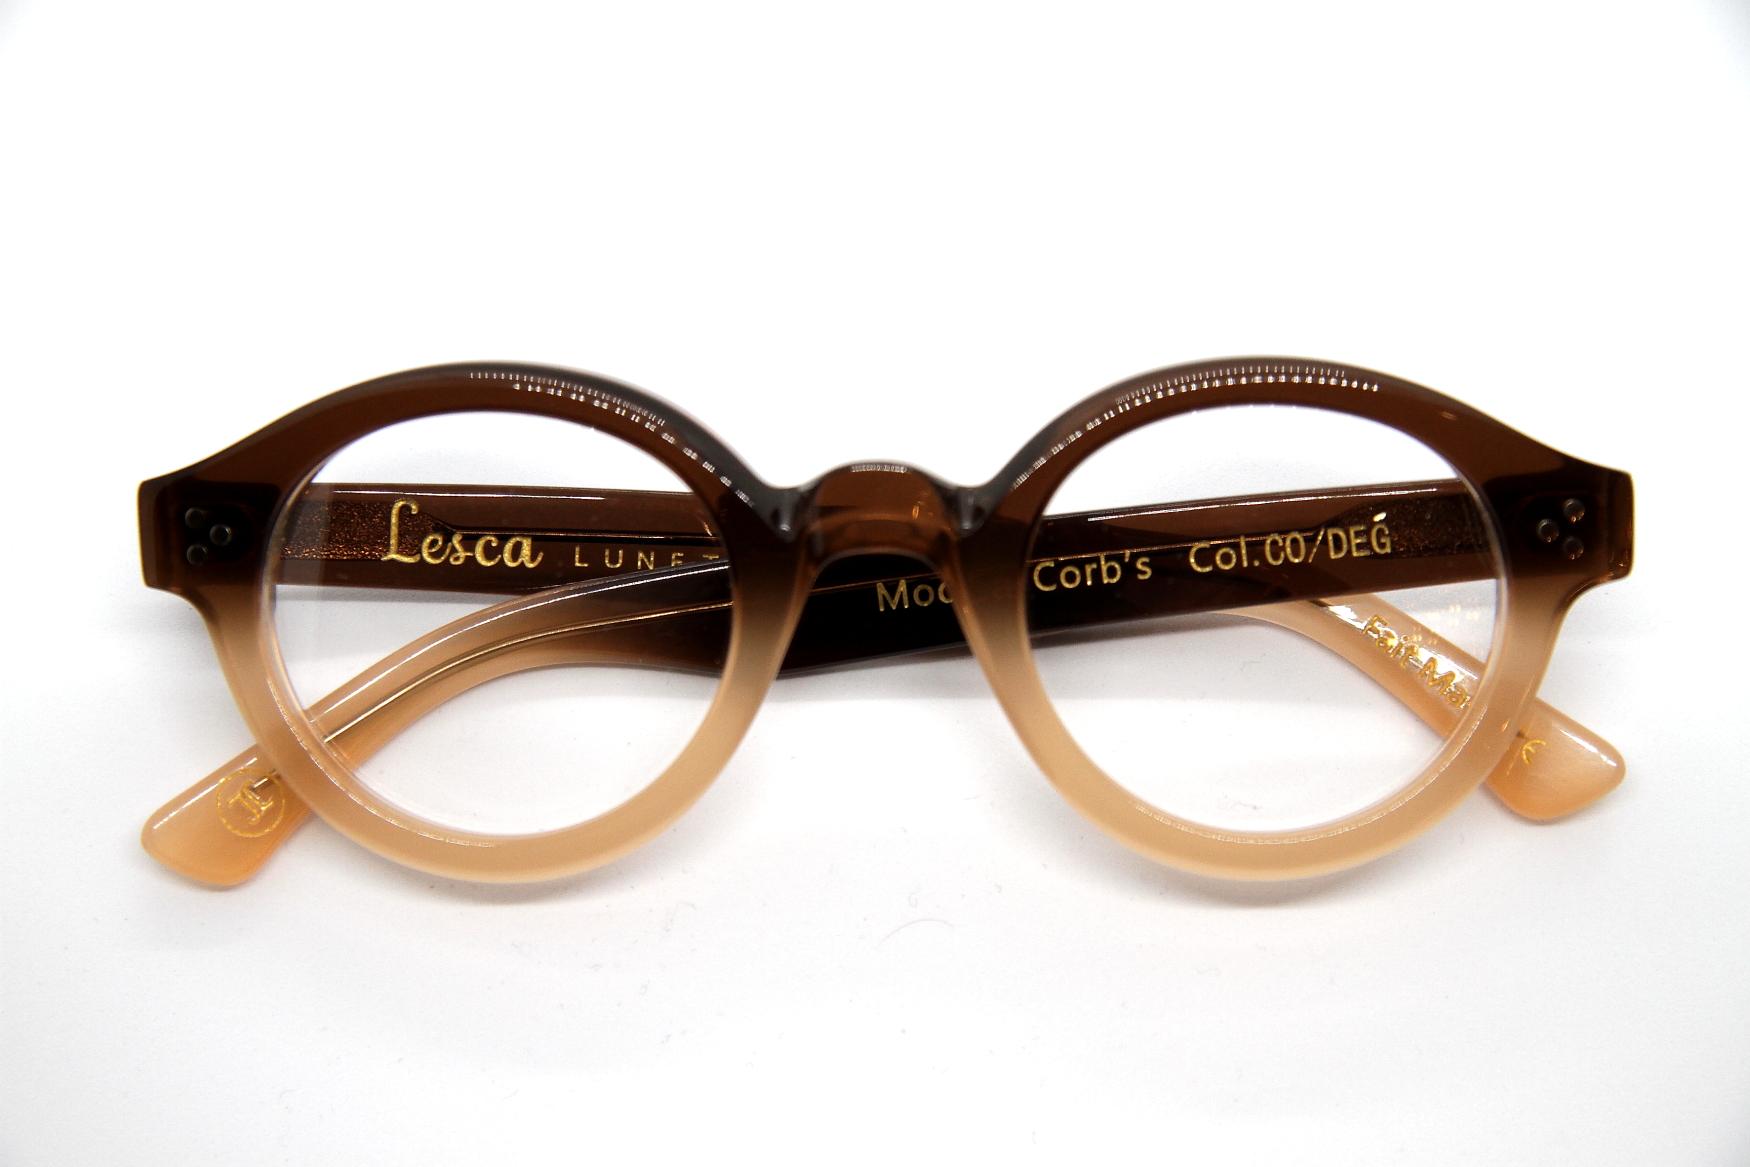 La Corb's CO/DEG